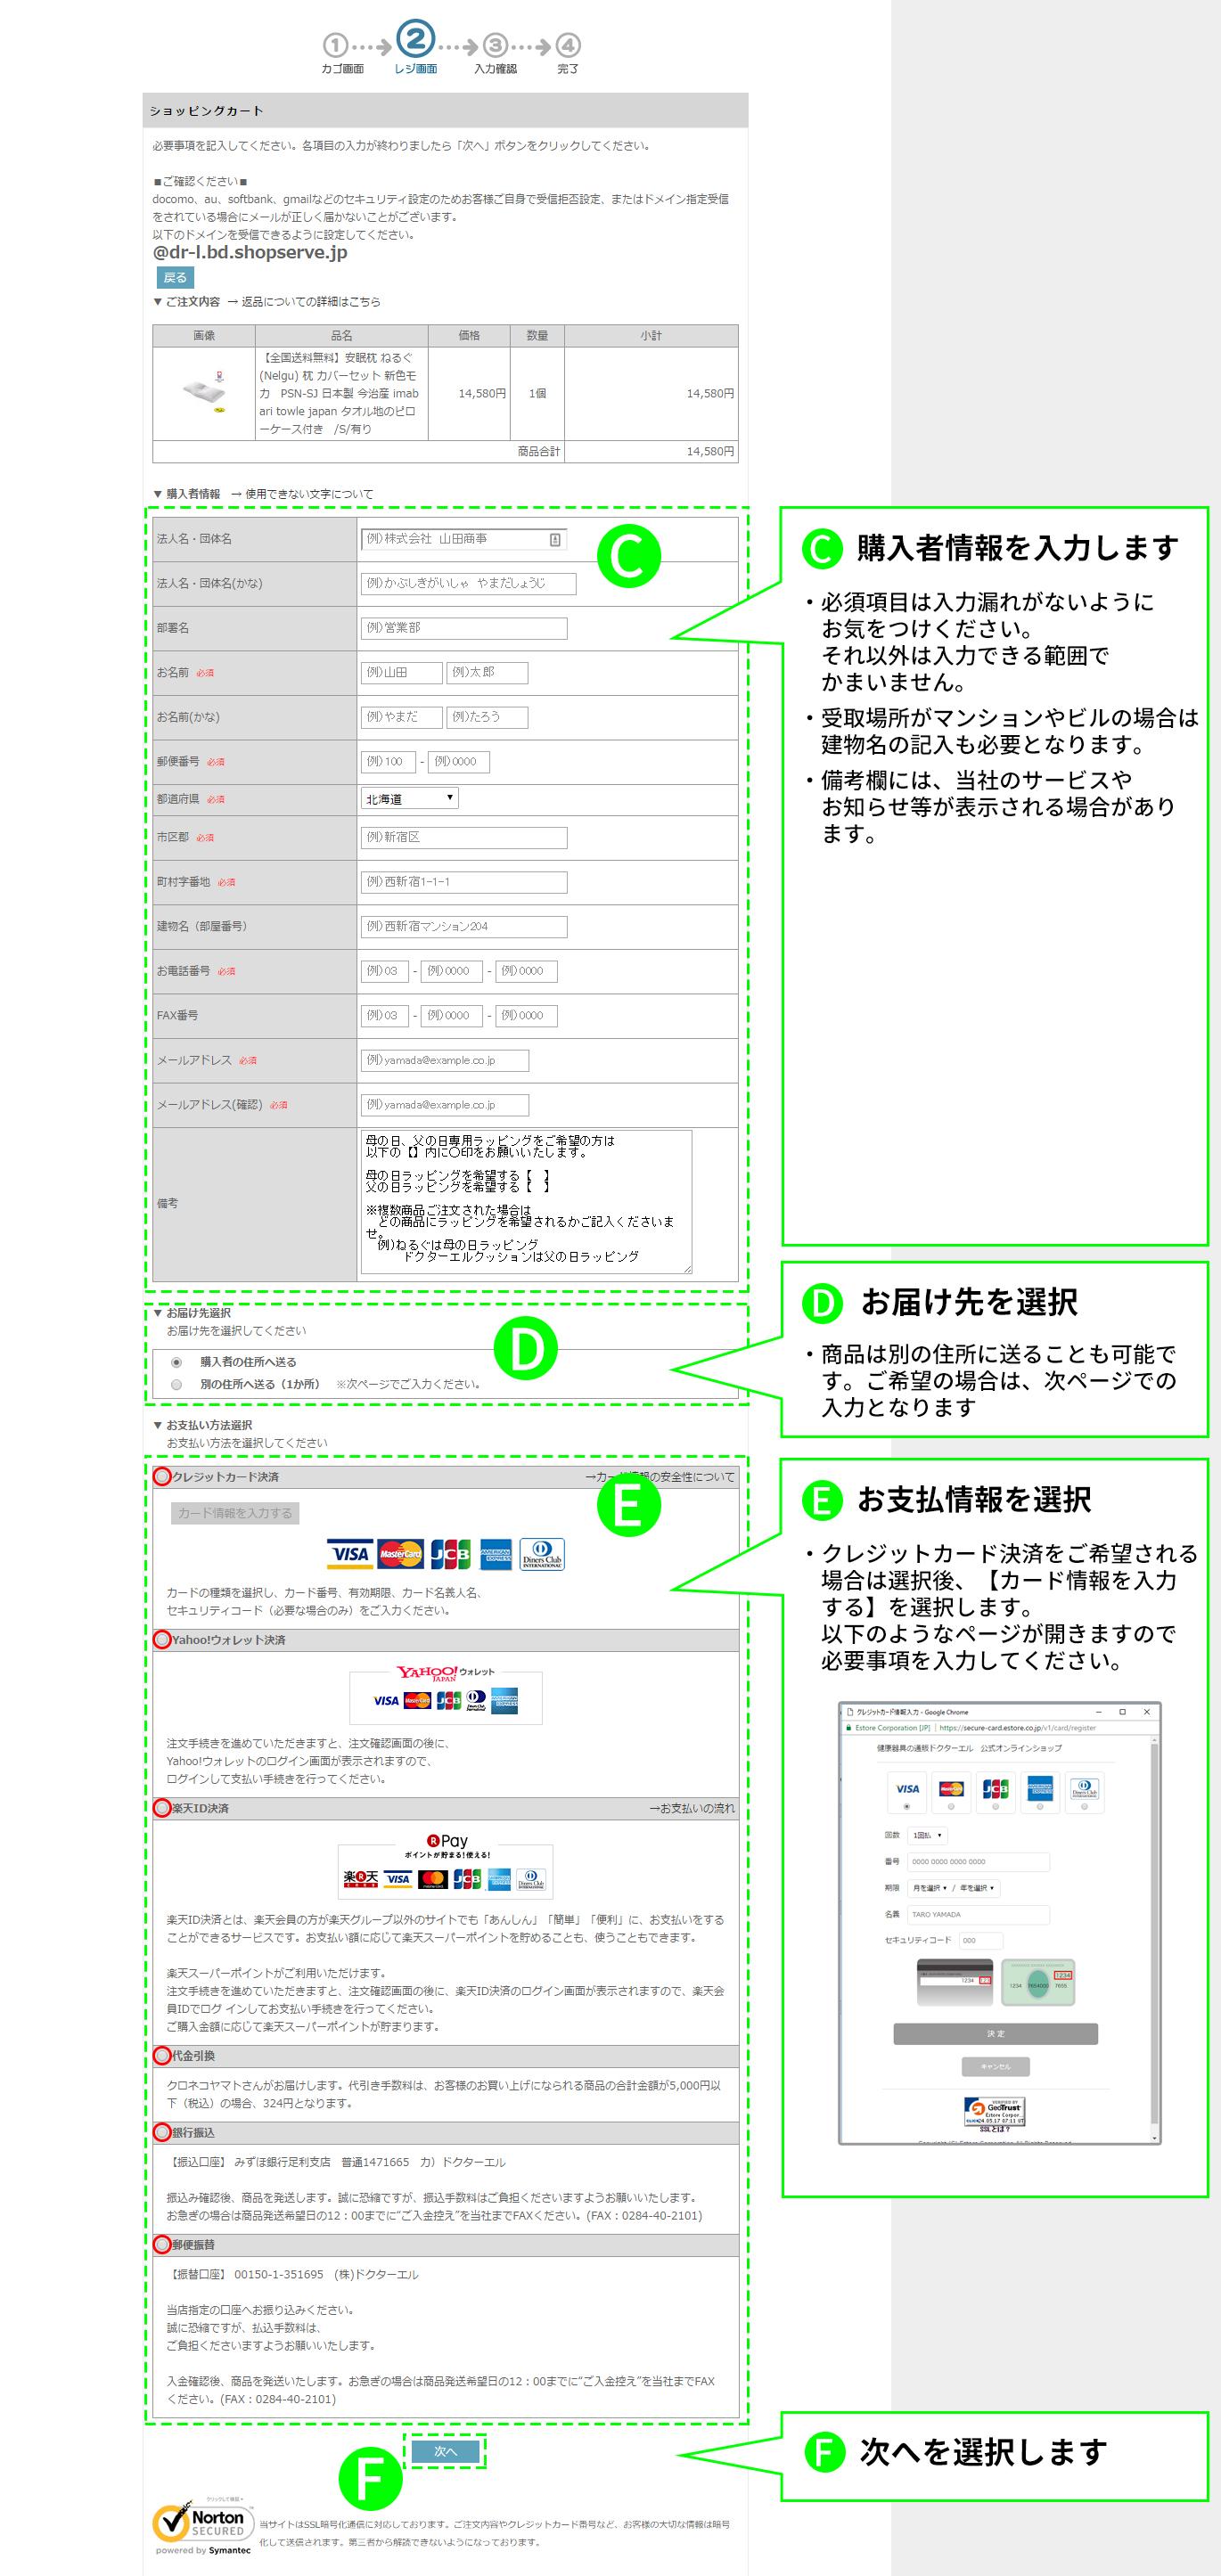 ・C購入者情報を入力します・Dお届け先を選択・Eお支払情報を選択・F次へを選択